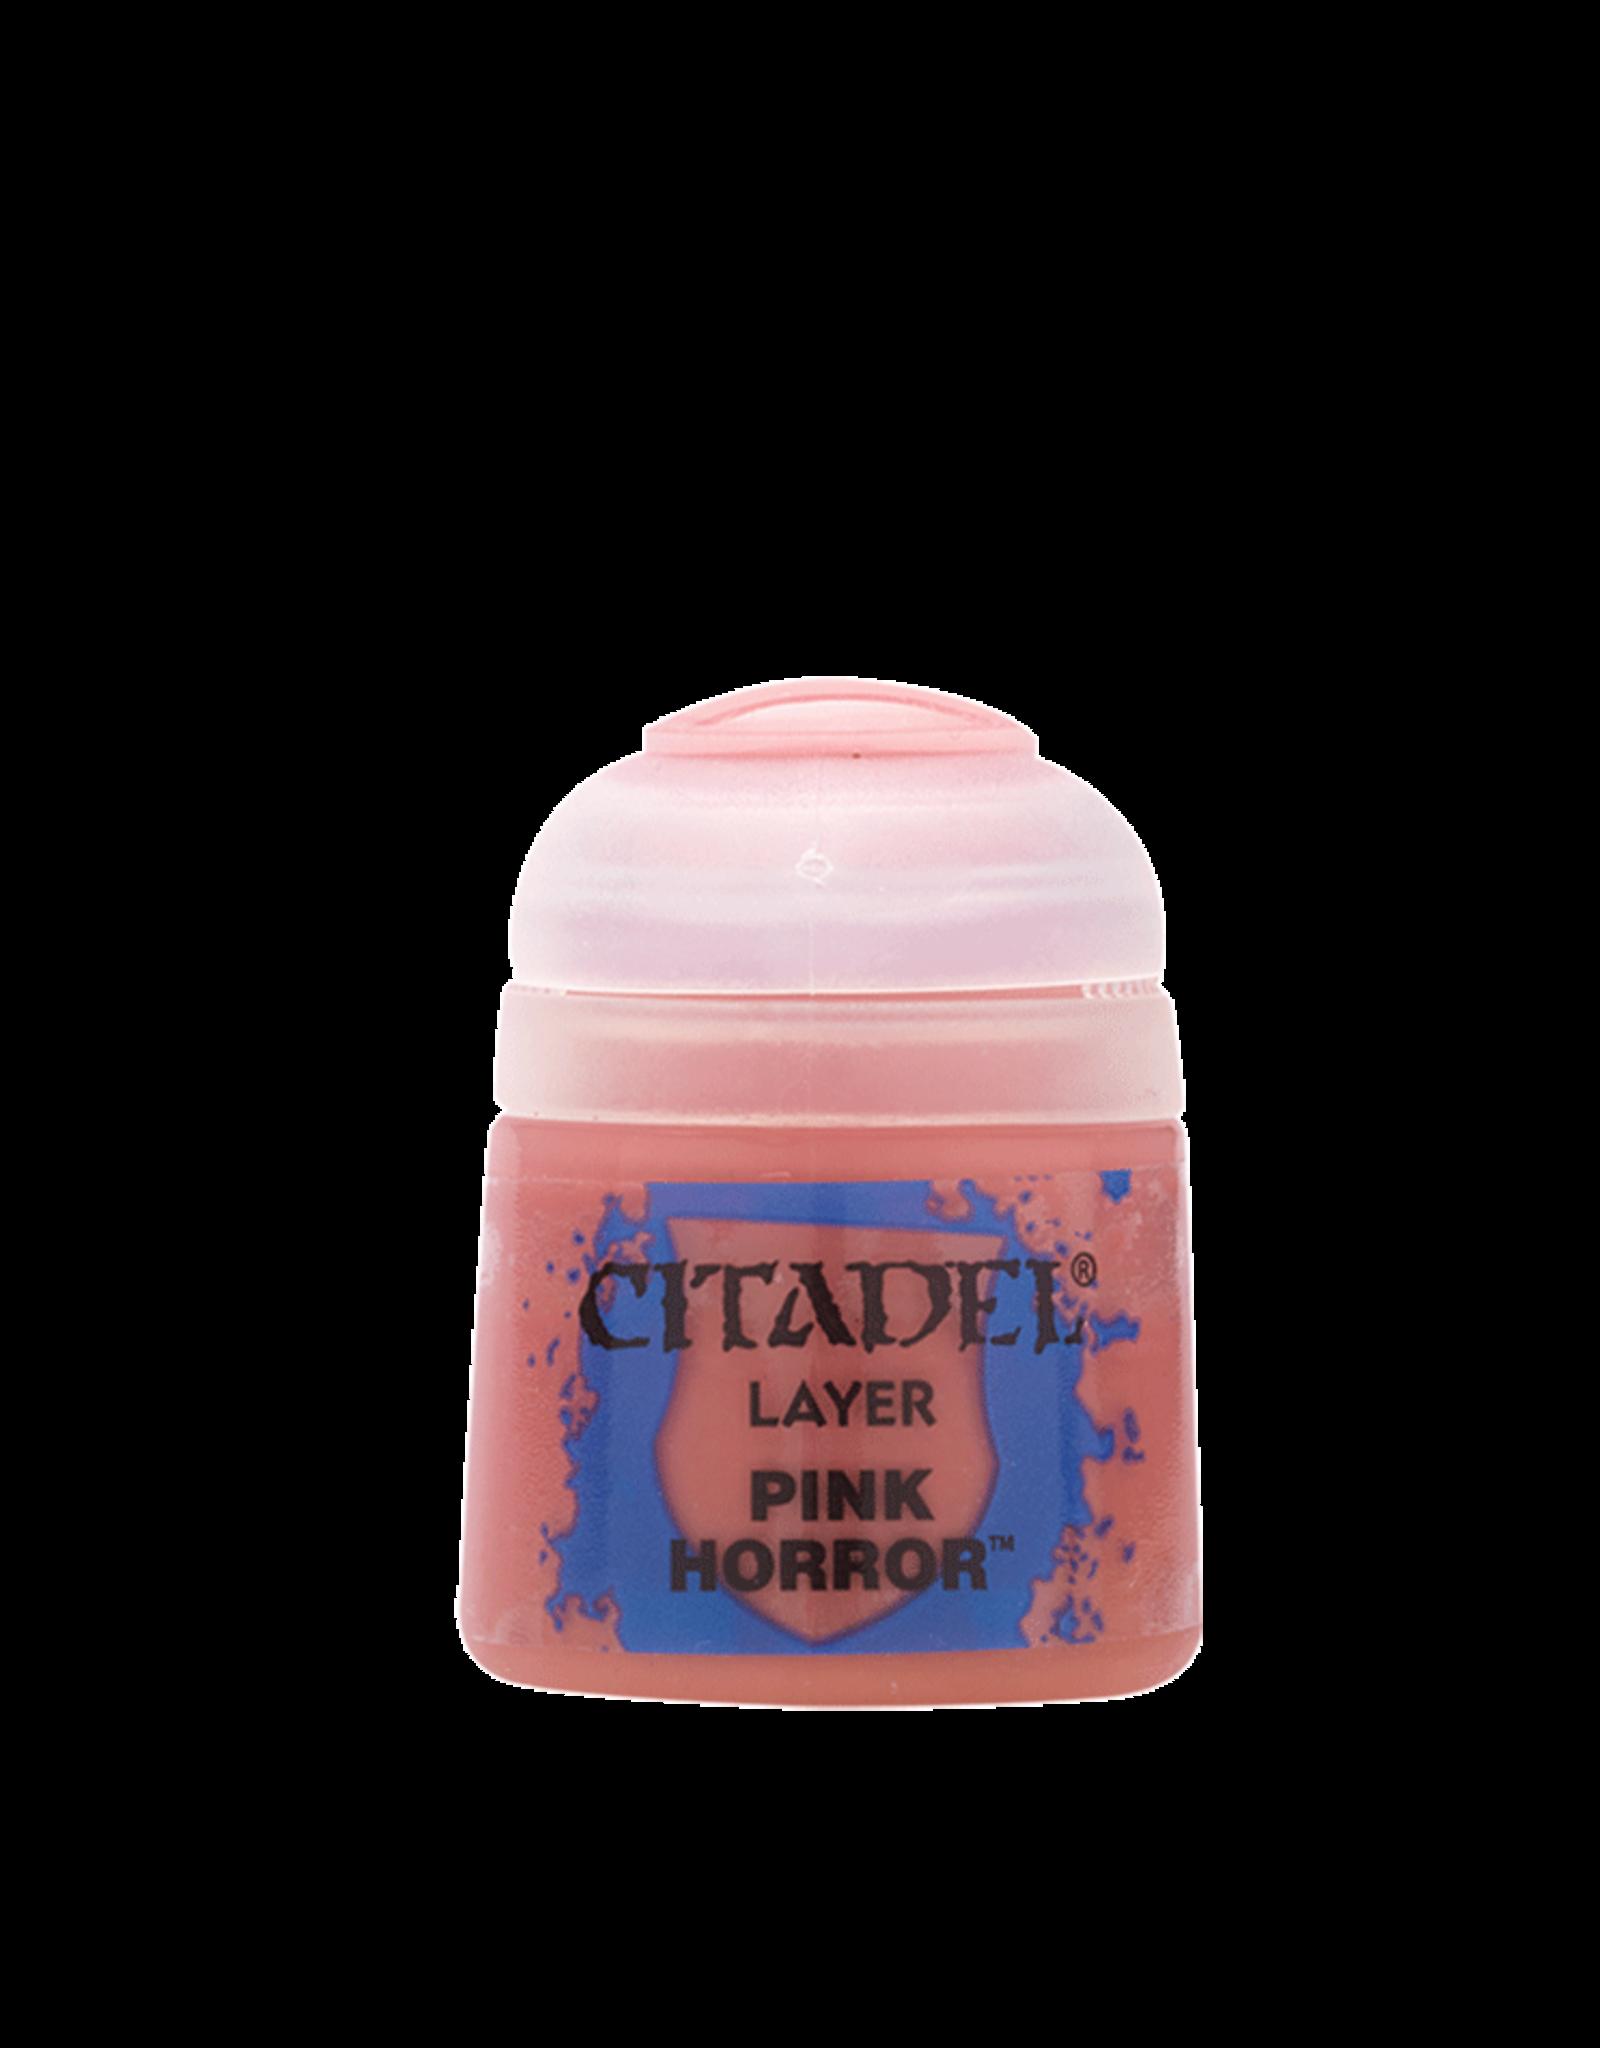 Citadel Citadel Layer: Pink Horror (12ml)